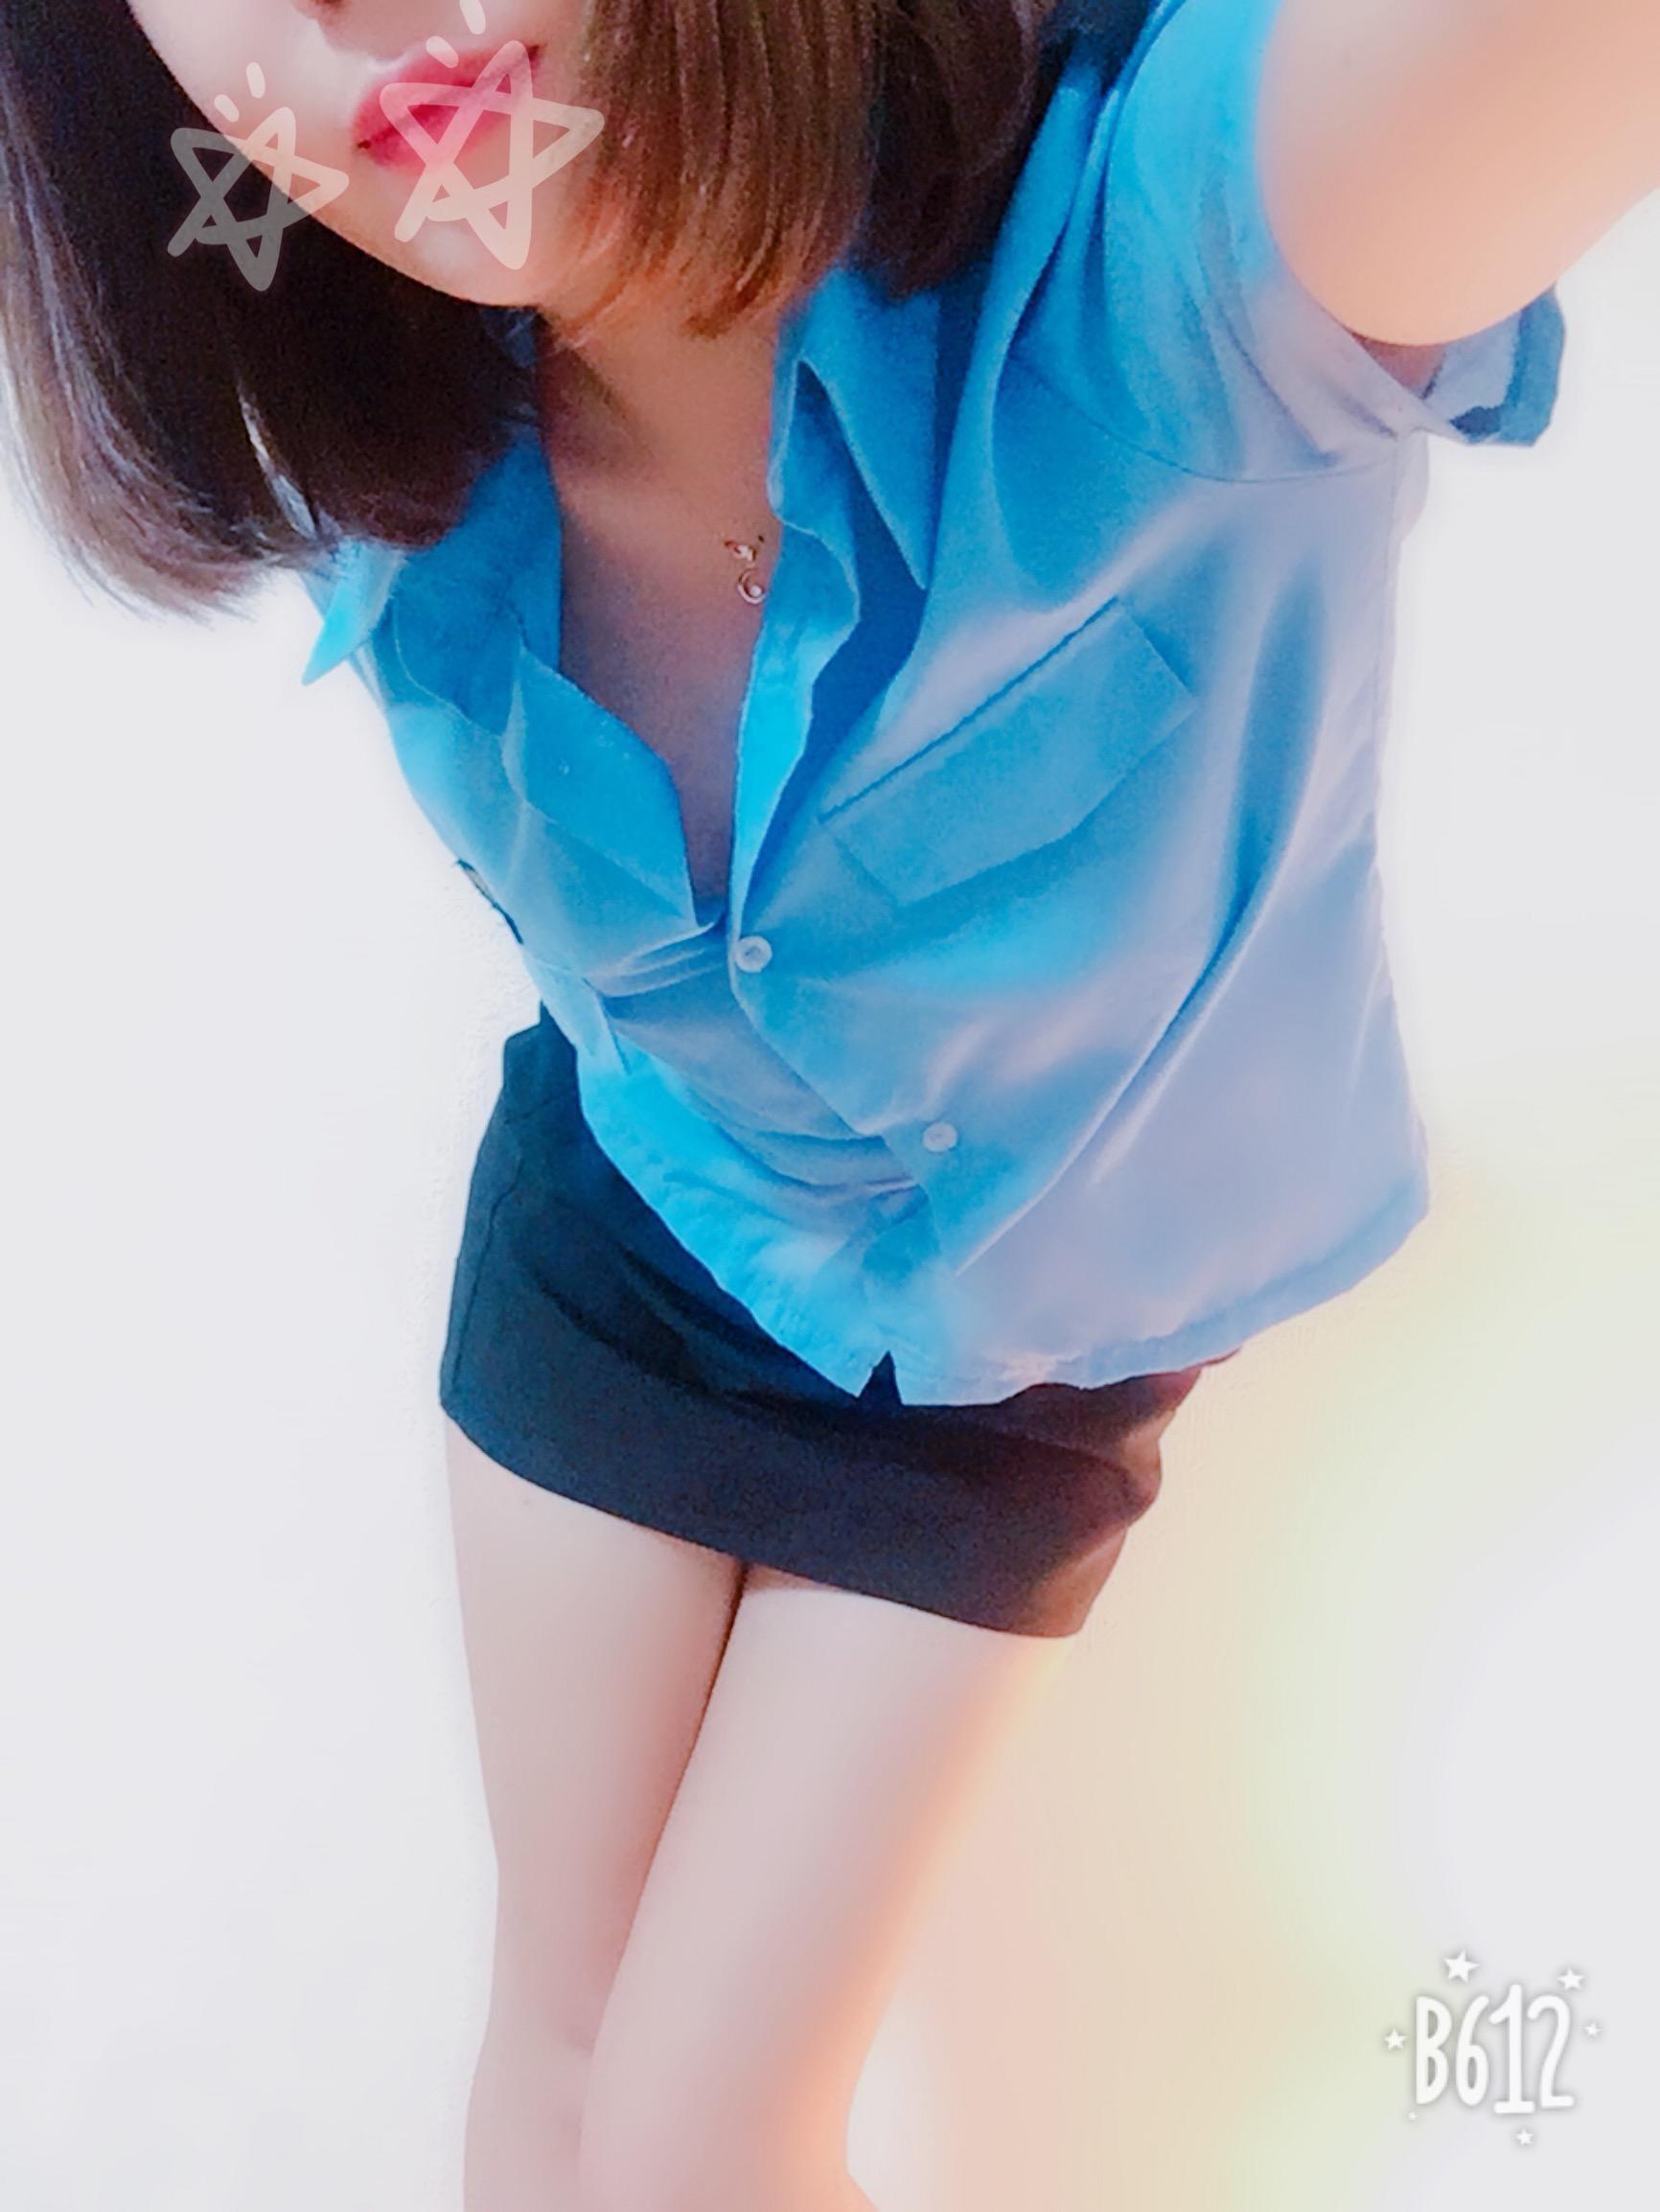 「今日もっ!*」11/10(土) 14:30 | 立花 優香の写メ・風俗動画